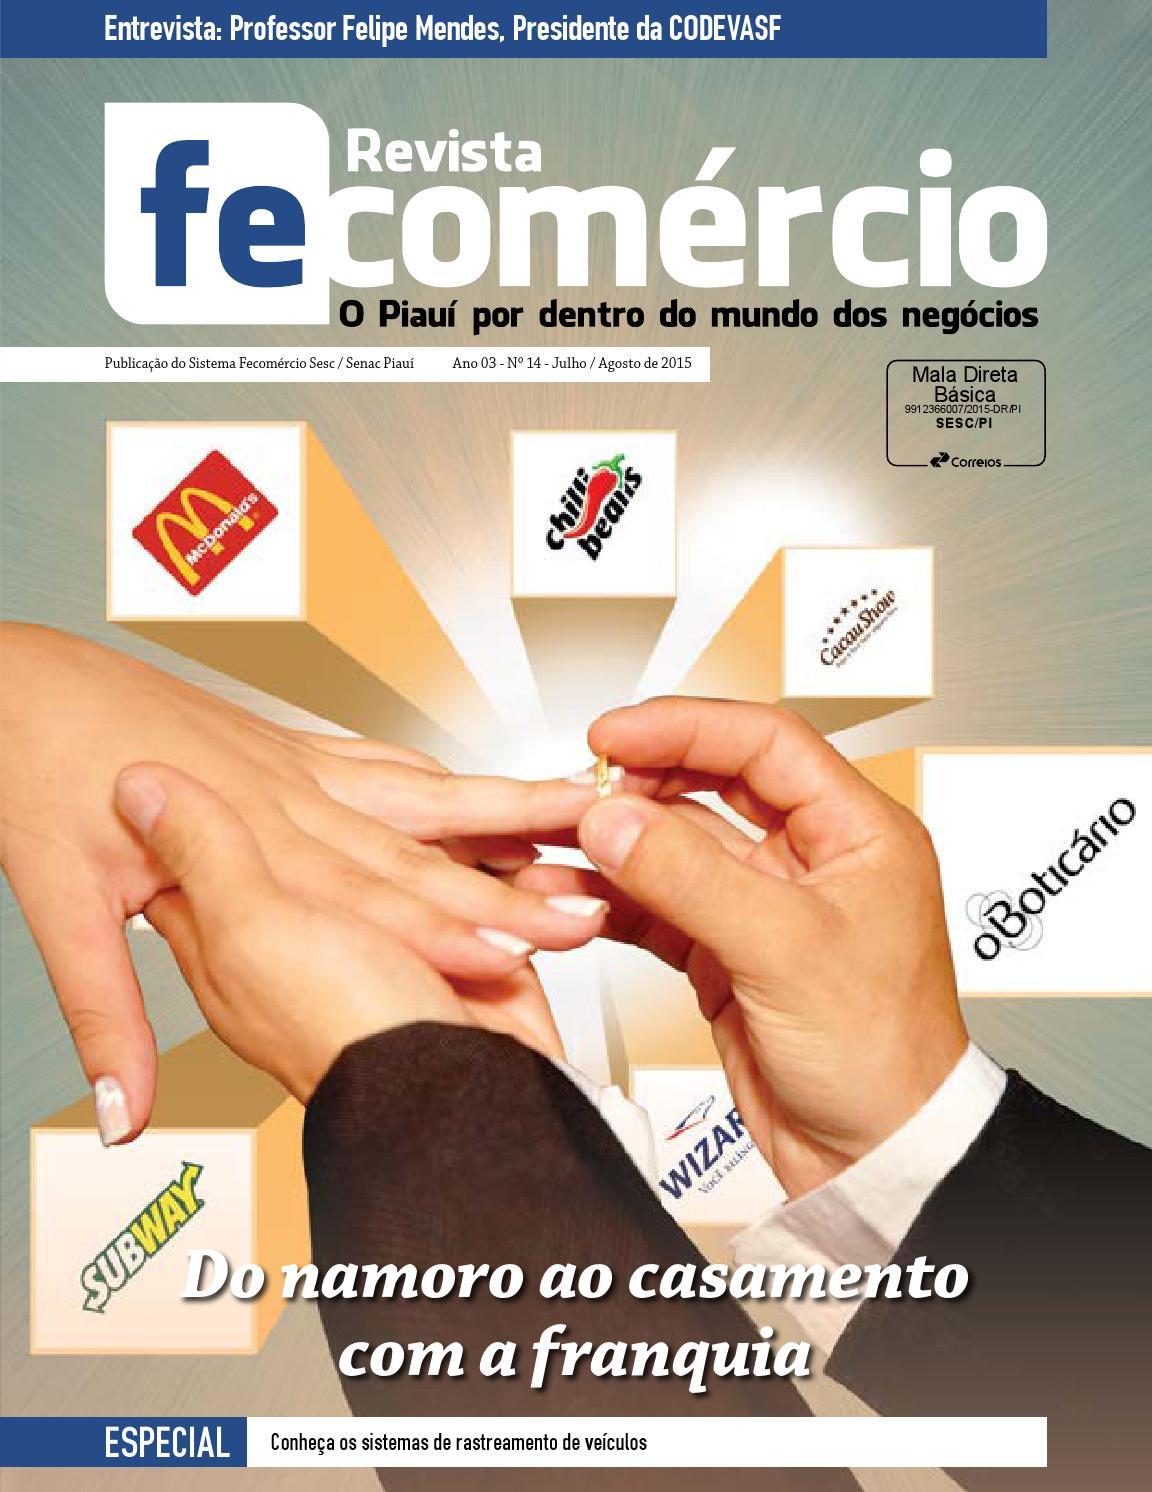 ba31253b7 Revista Fecomércio PI 14 Julho/Agosto 2015 by Revista Fecomércio Piauí -  issuu